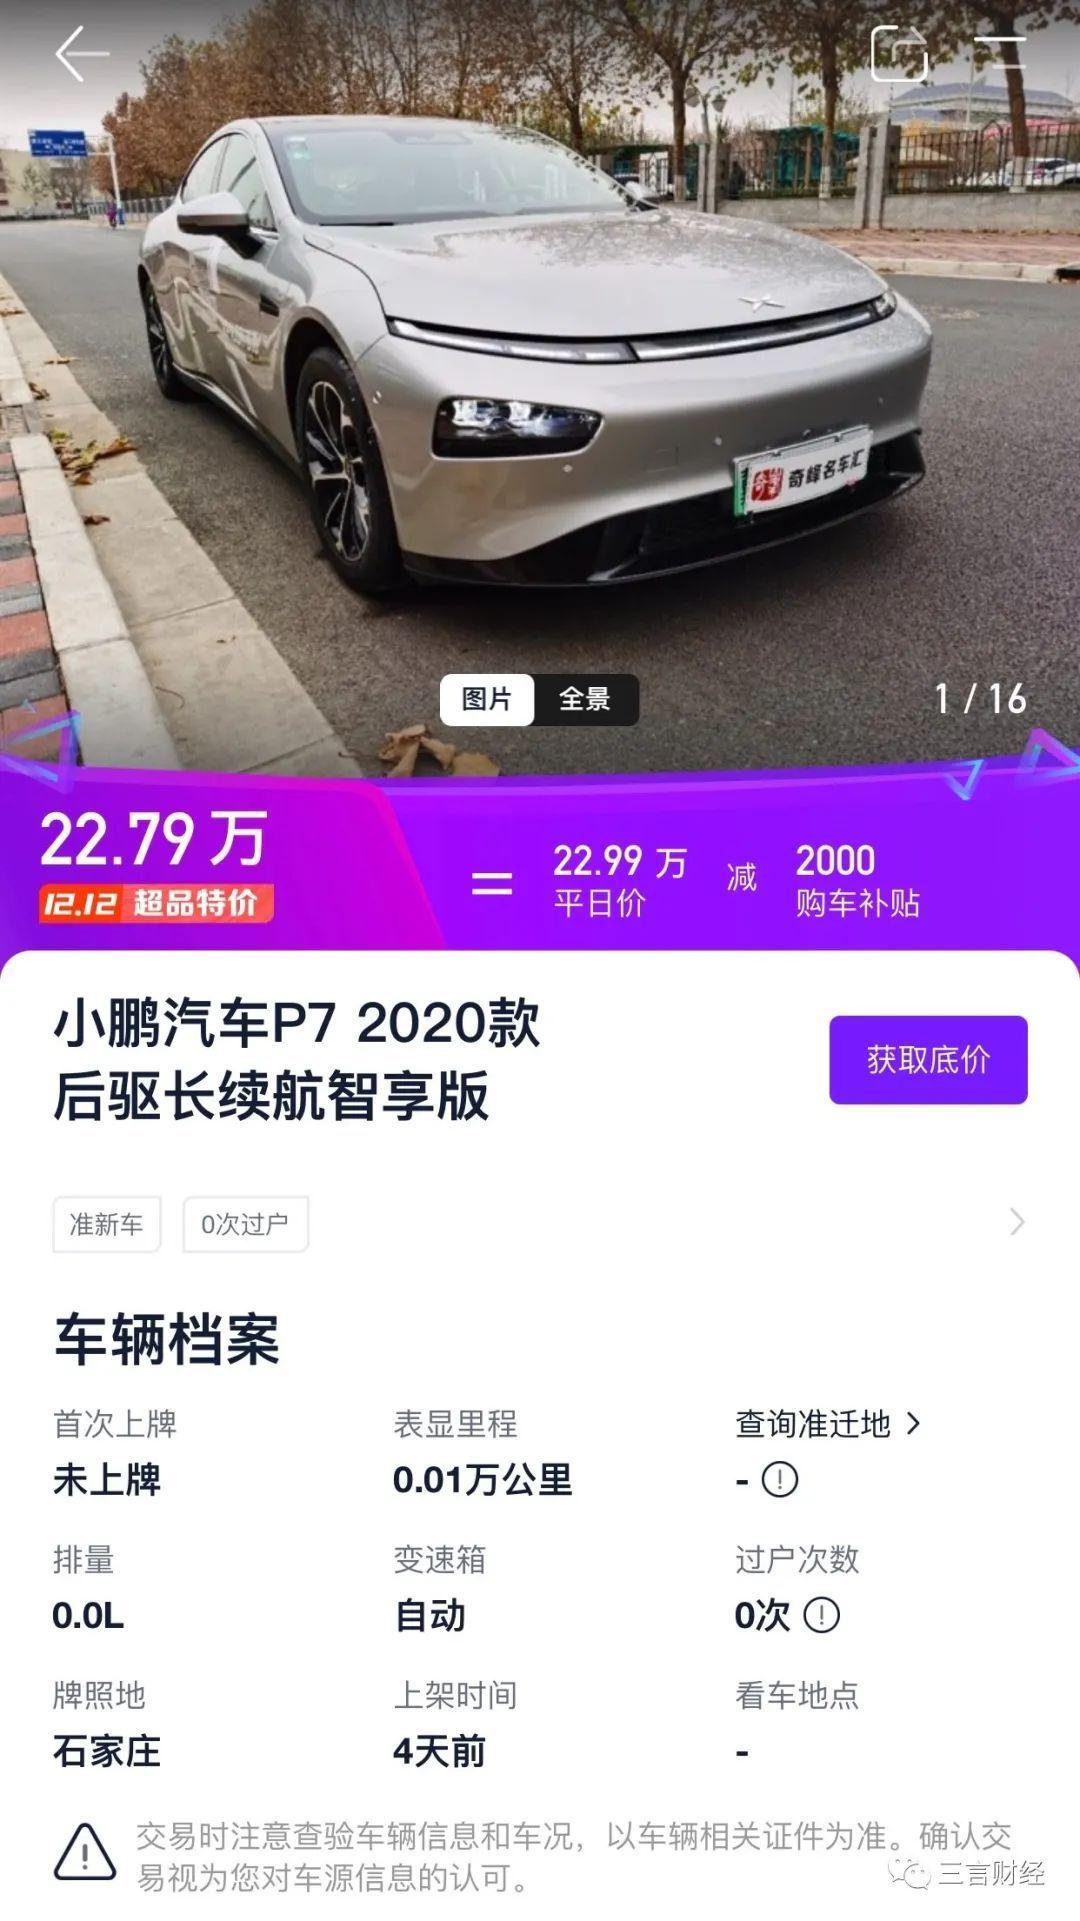 调查:二手车商确实卖小鹏新车,去年旧款价格跌5成